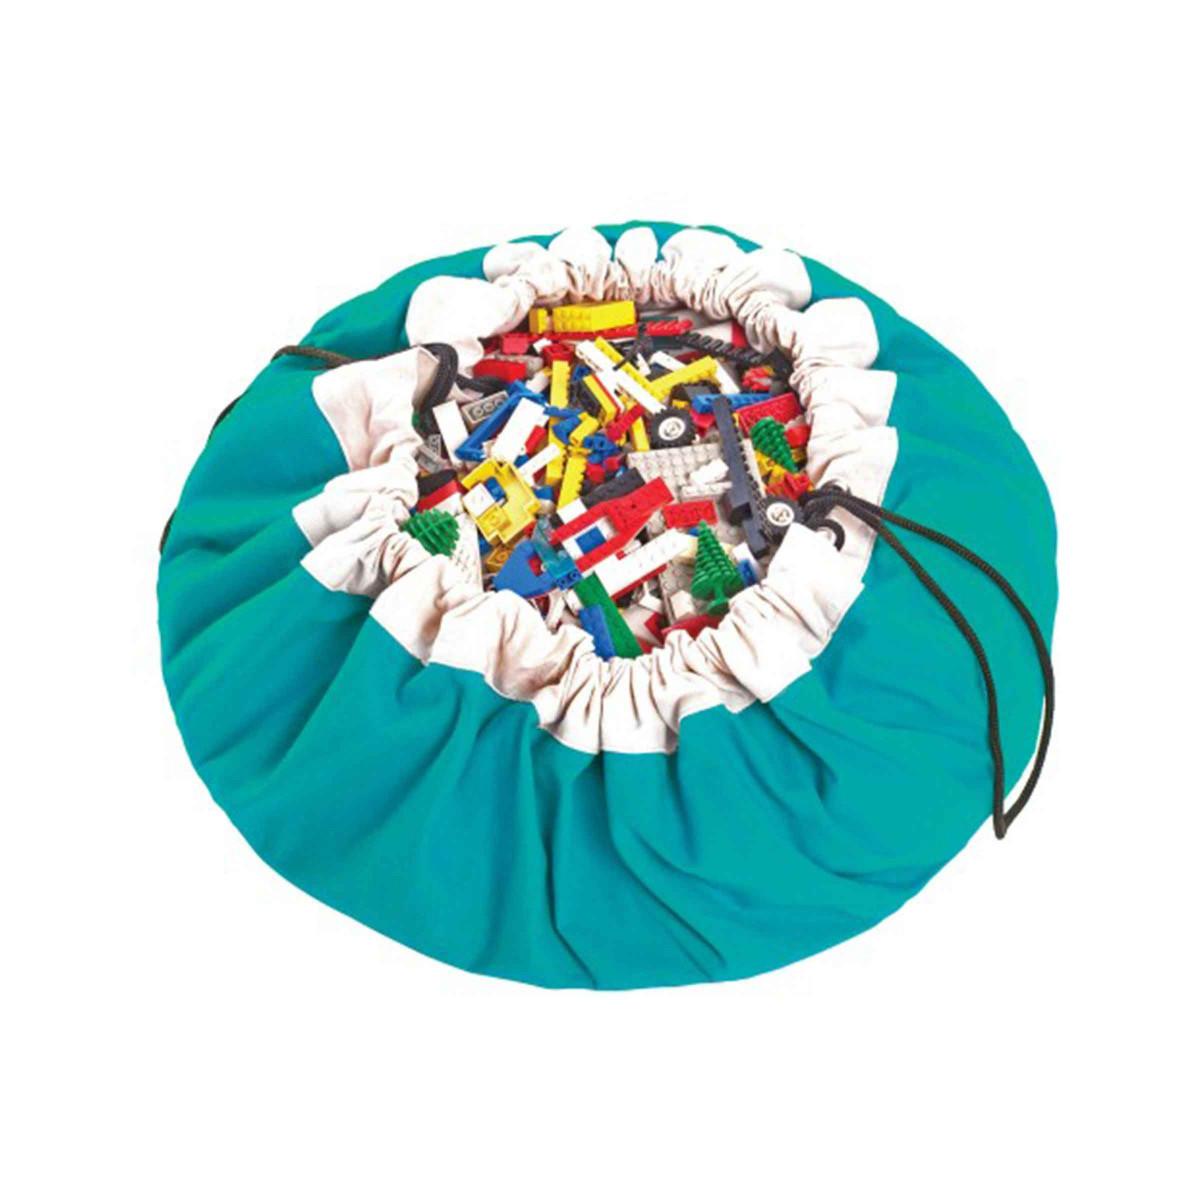 Tapis de jeu rangement jouets turquoise - Jeu rangement de chambre ...